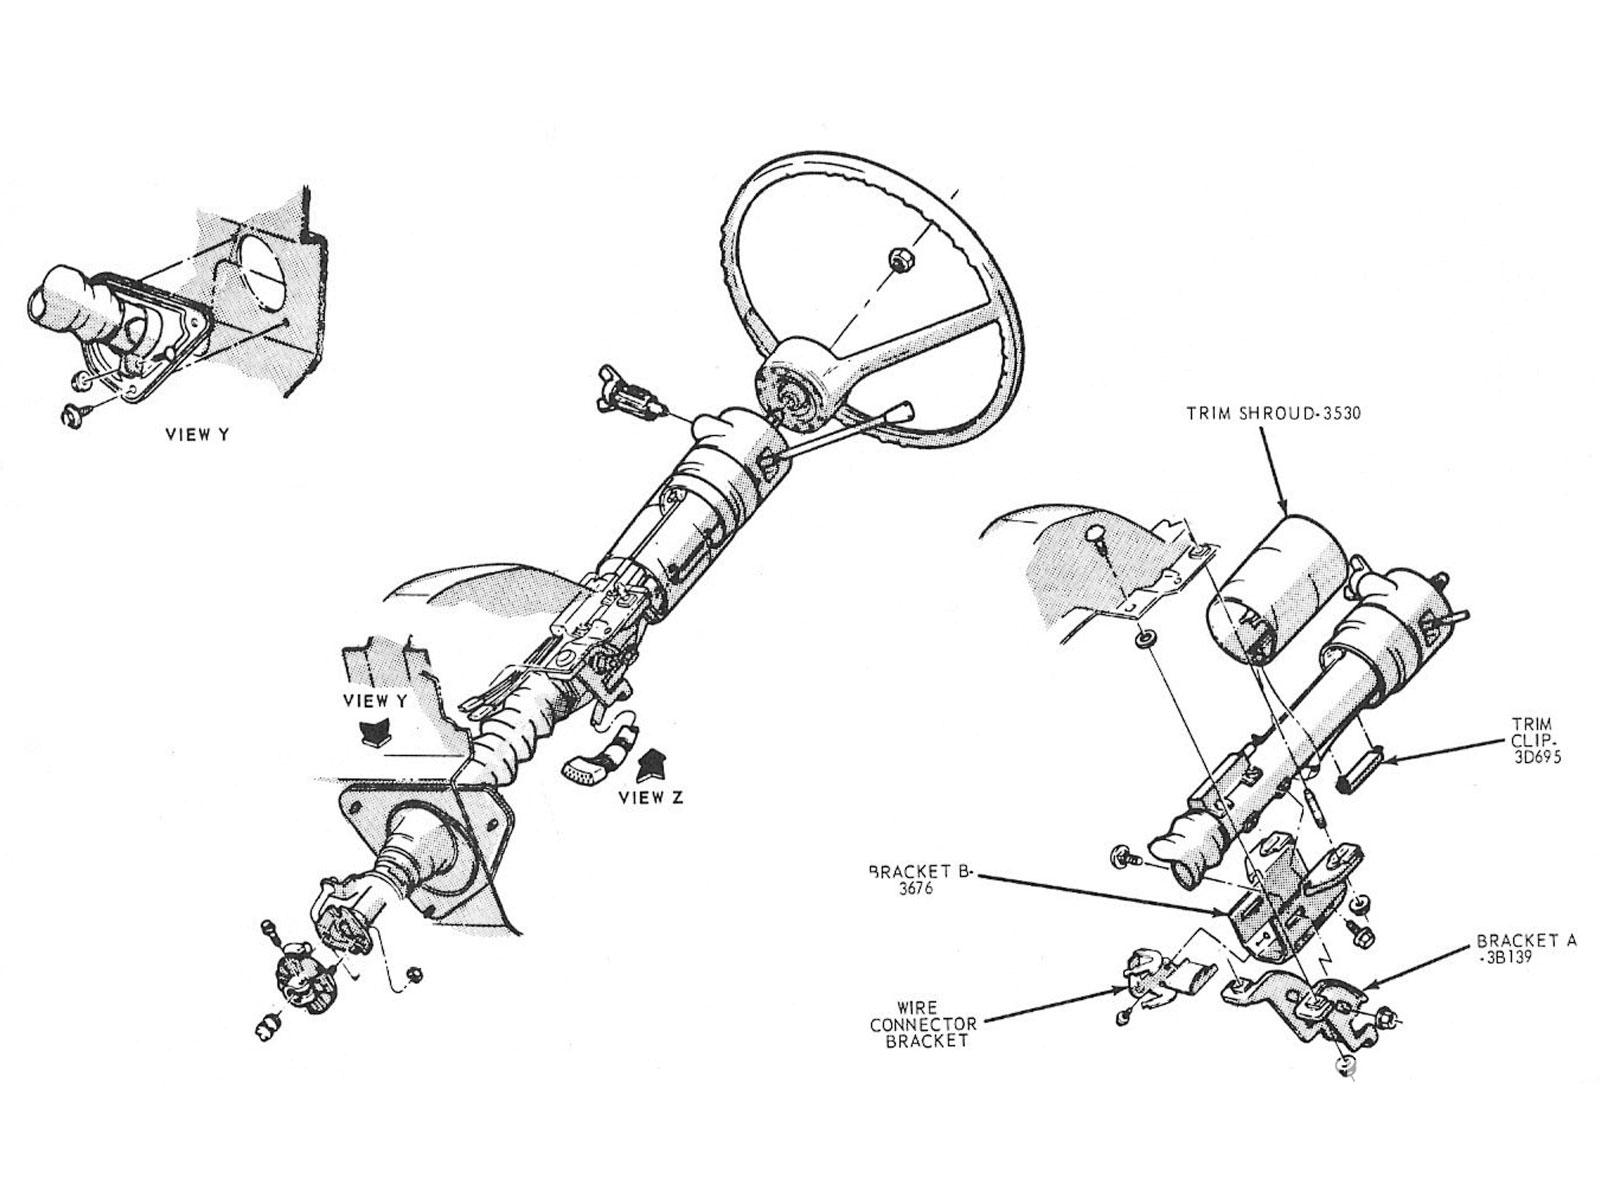 jeep cj7 tilt steering column image details 1963 Chevy Steering Wheel steering column